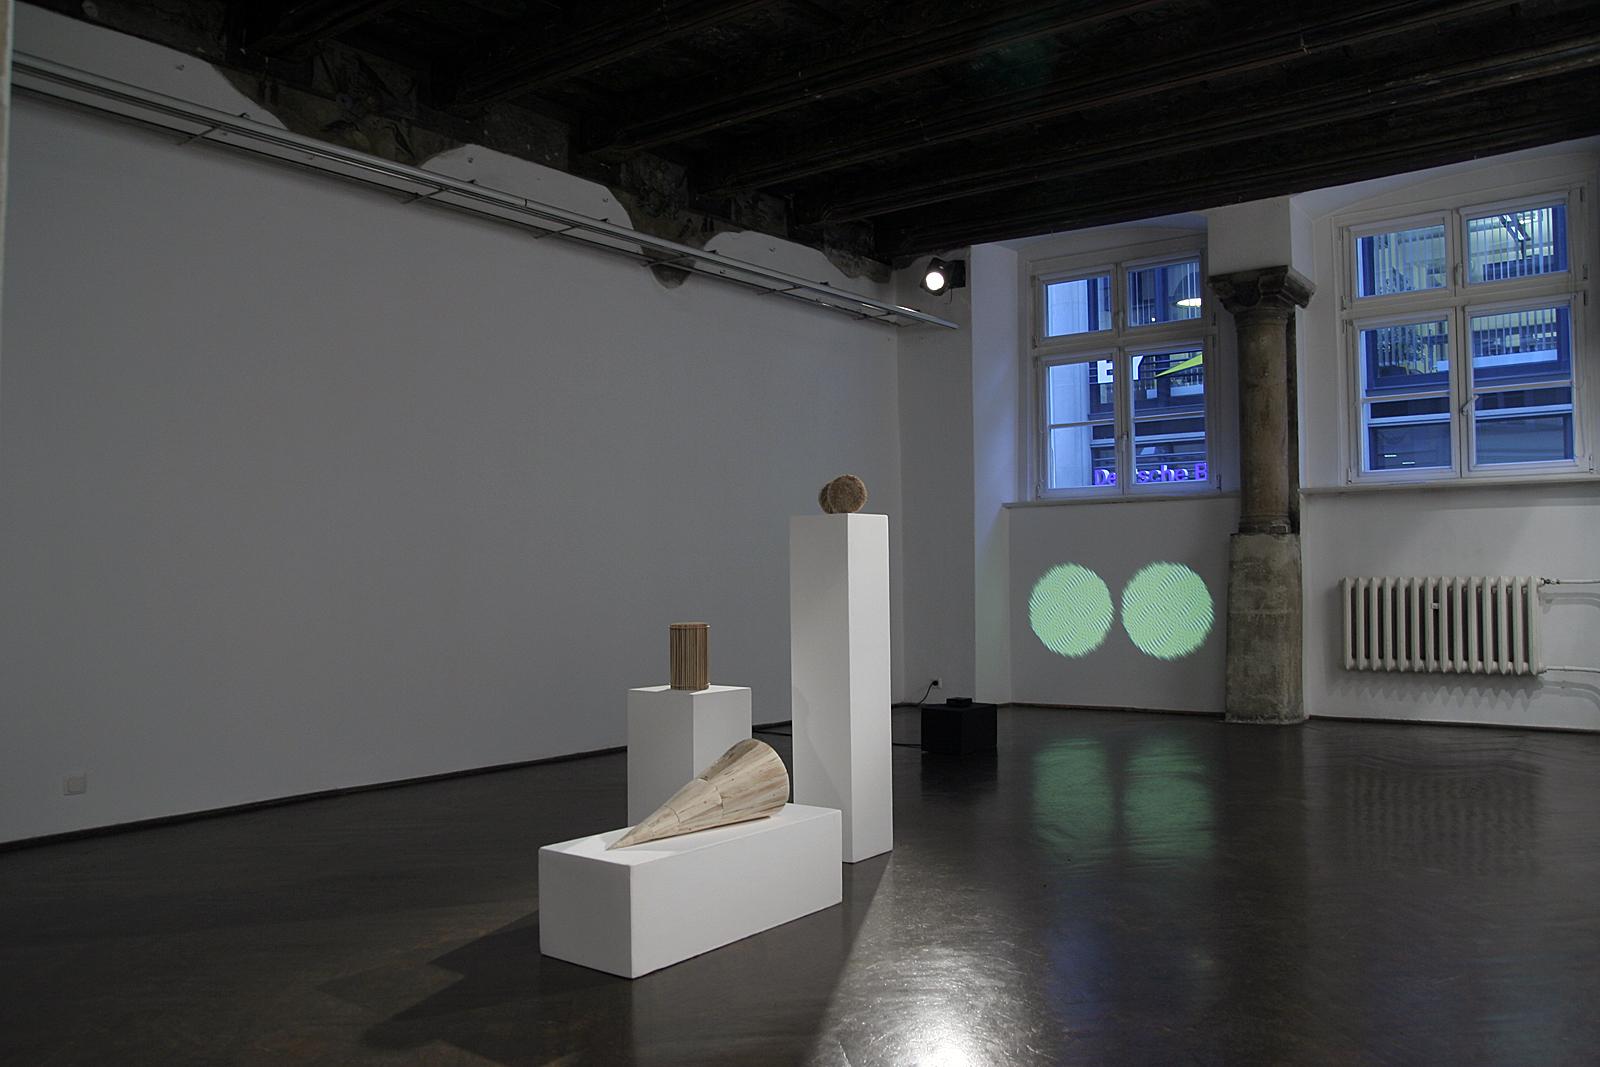 Symulacje, widok wystawy, dzięki uprzejmości Galerii Entropia